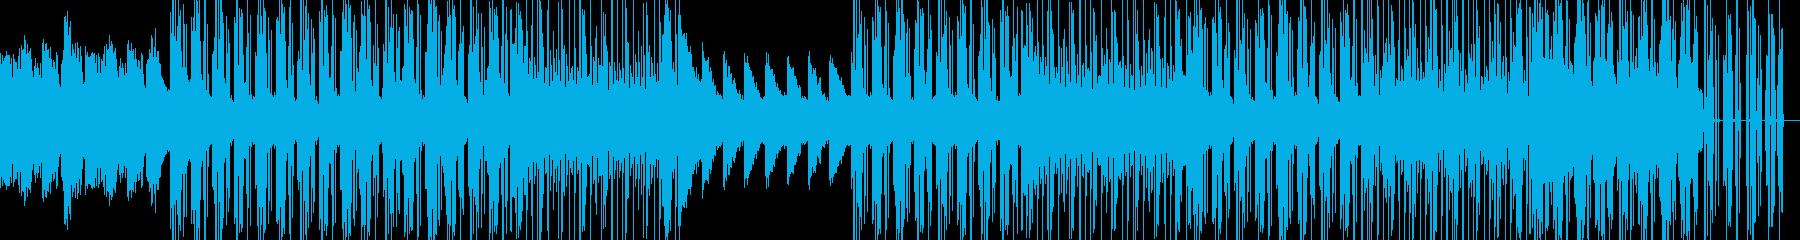 ピアノを基調としたHipHopの再生済みの波形